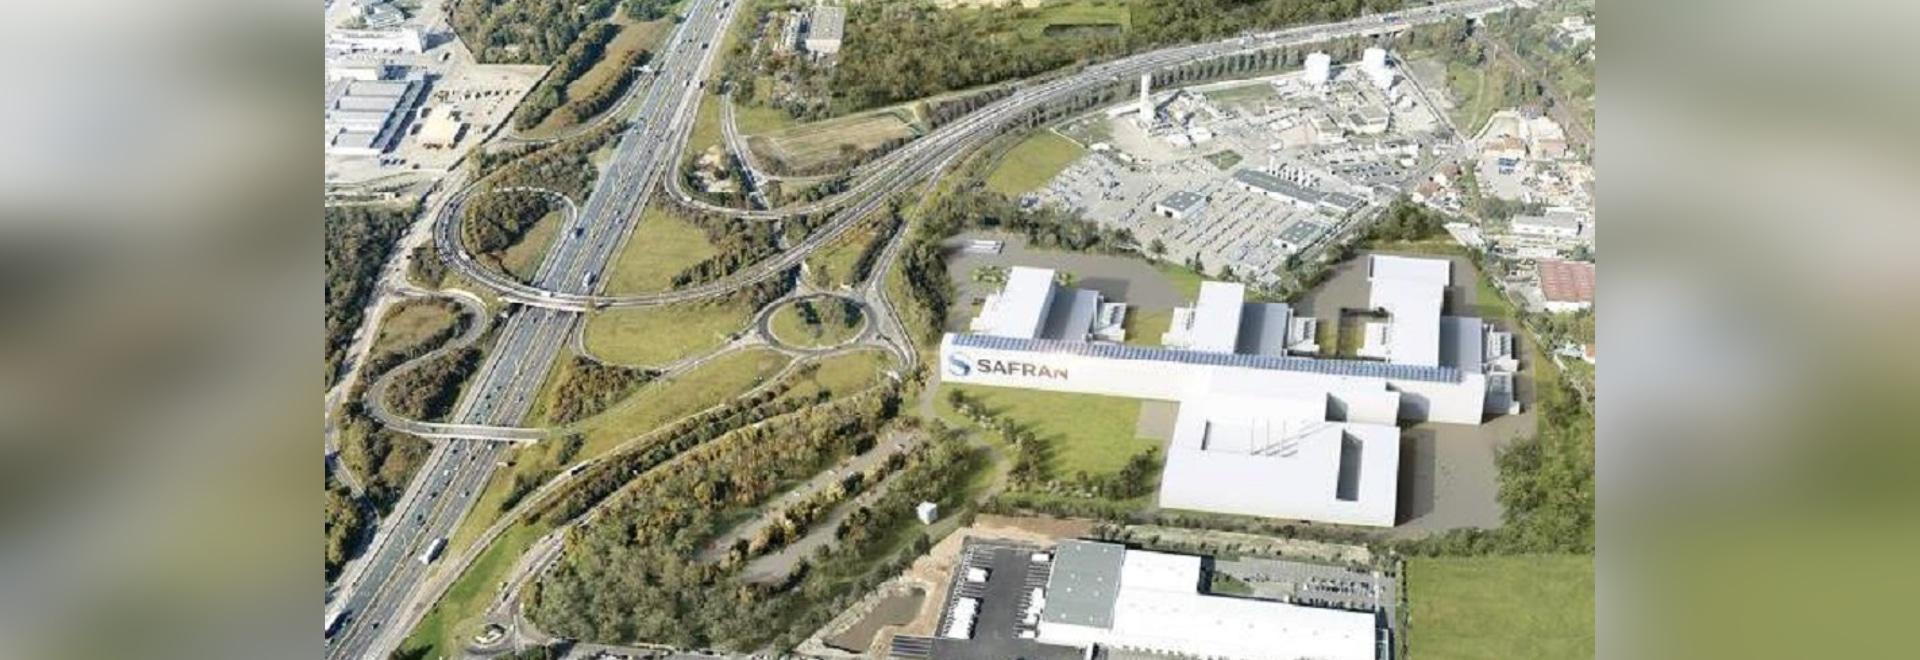 Safran va construire une nouvelle usine de freins carbone pour avions en France